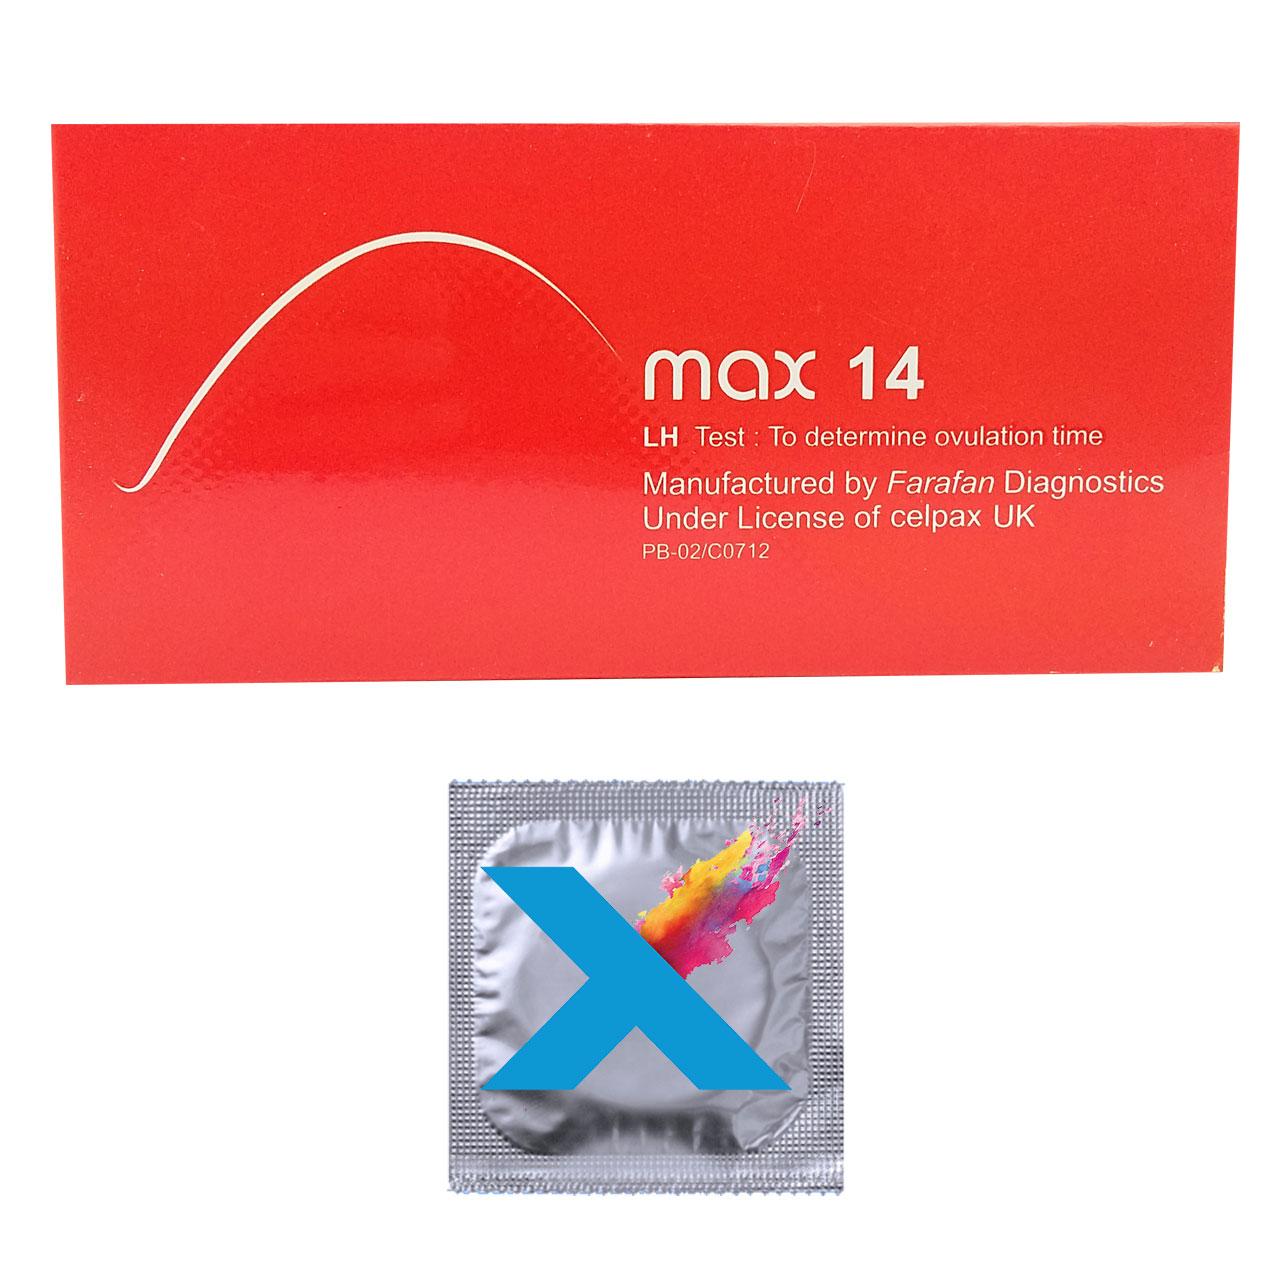 تست تخمک گذاری مکث 14 مدل LH بسته 5 عددی به همراه کاندوم مدل X